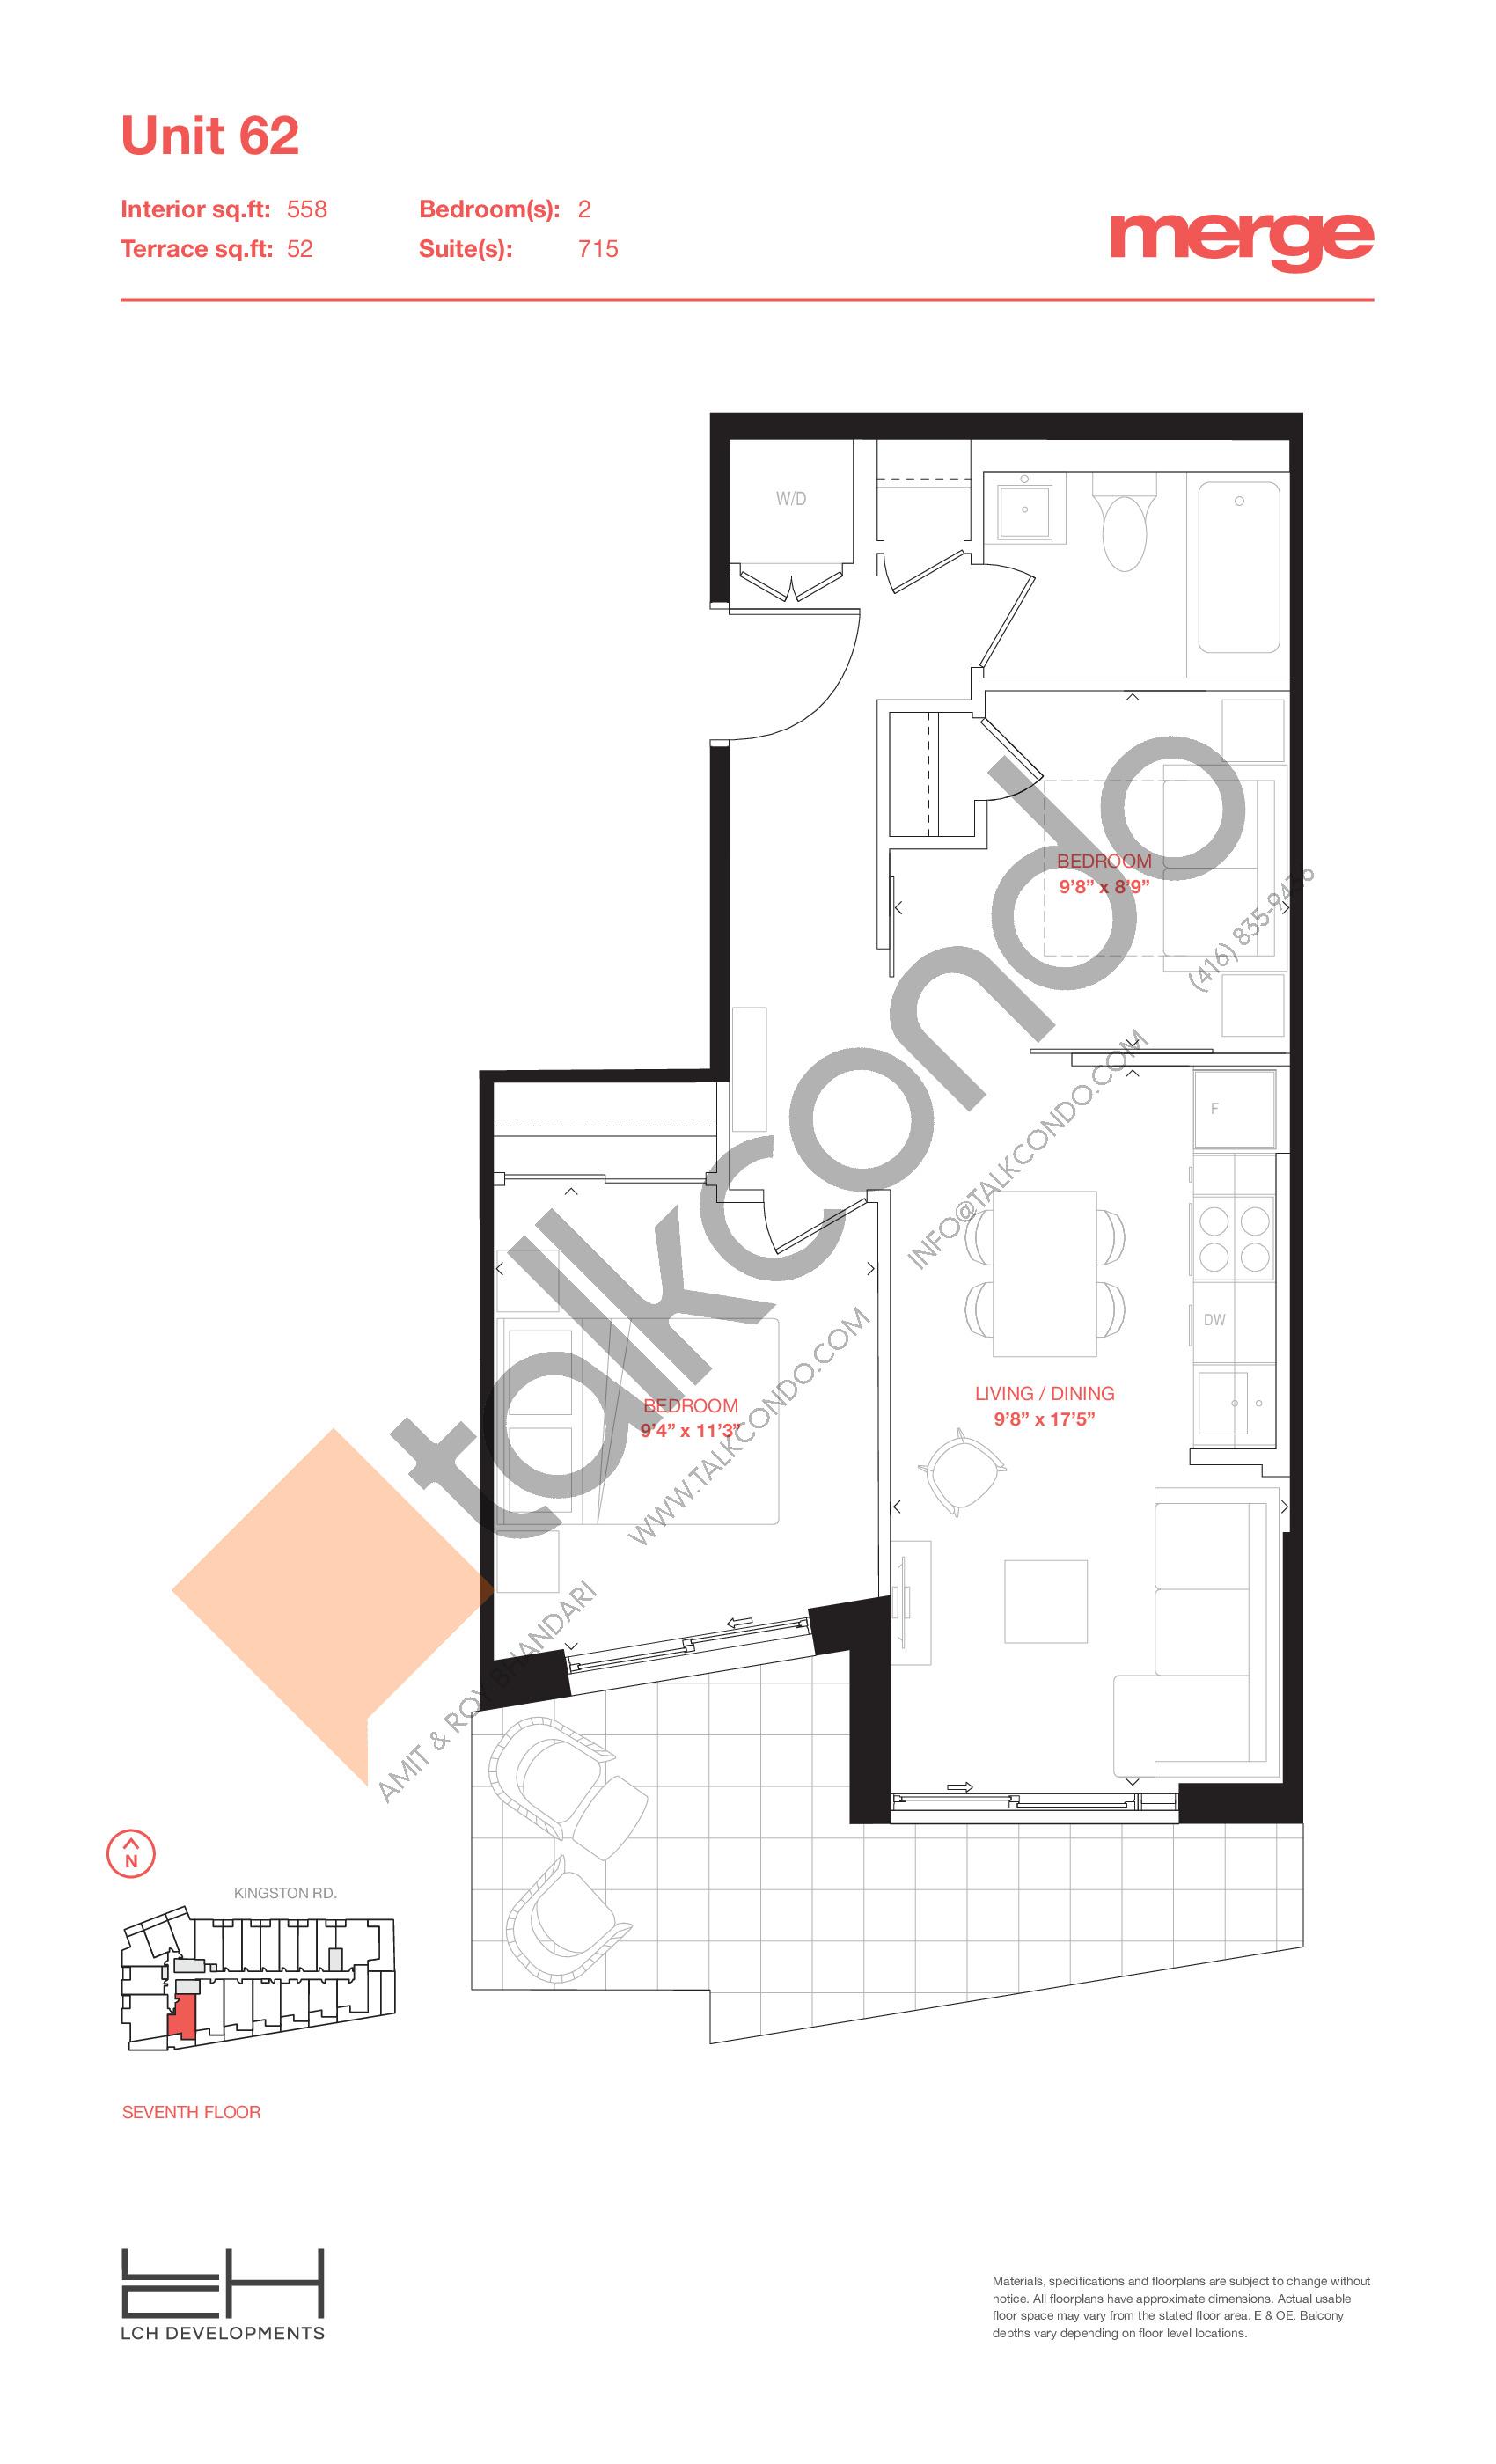 Unit 62 - Terraces Floor Plan at Merge Condos - 558 sq.ft